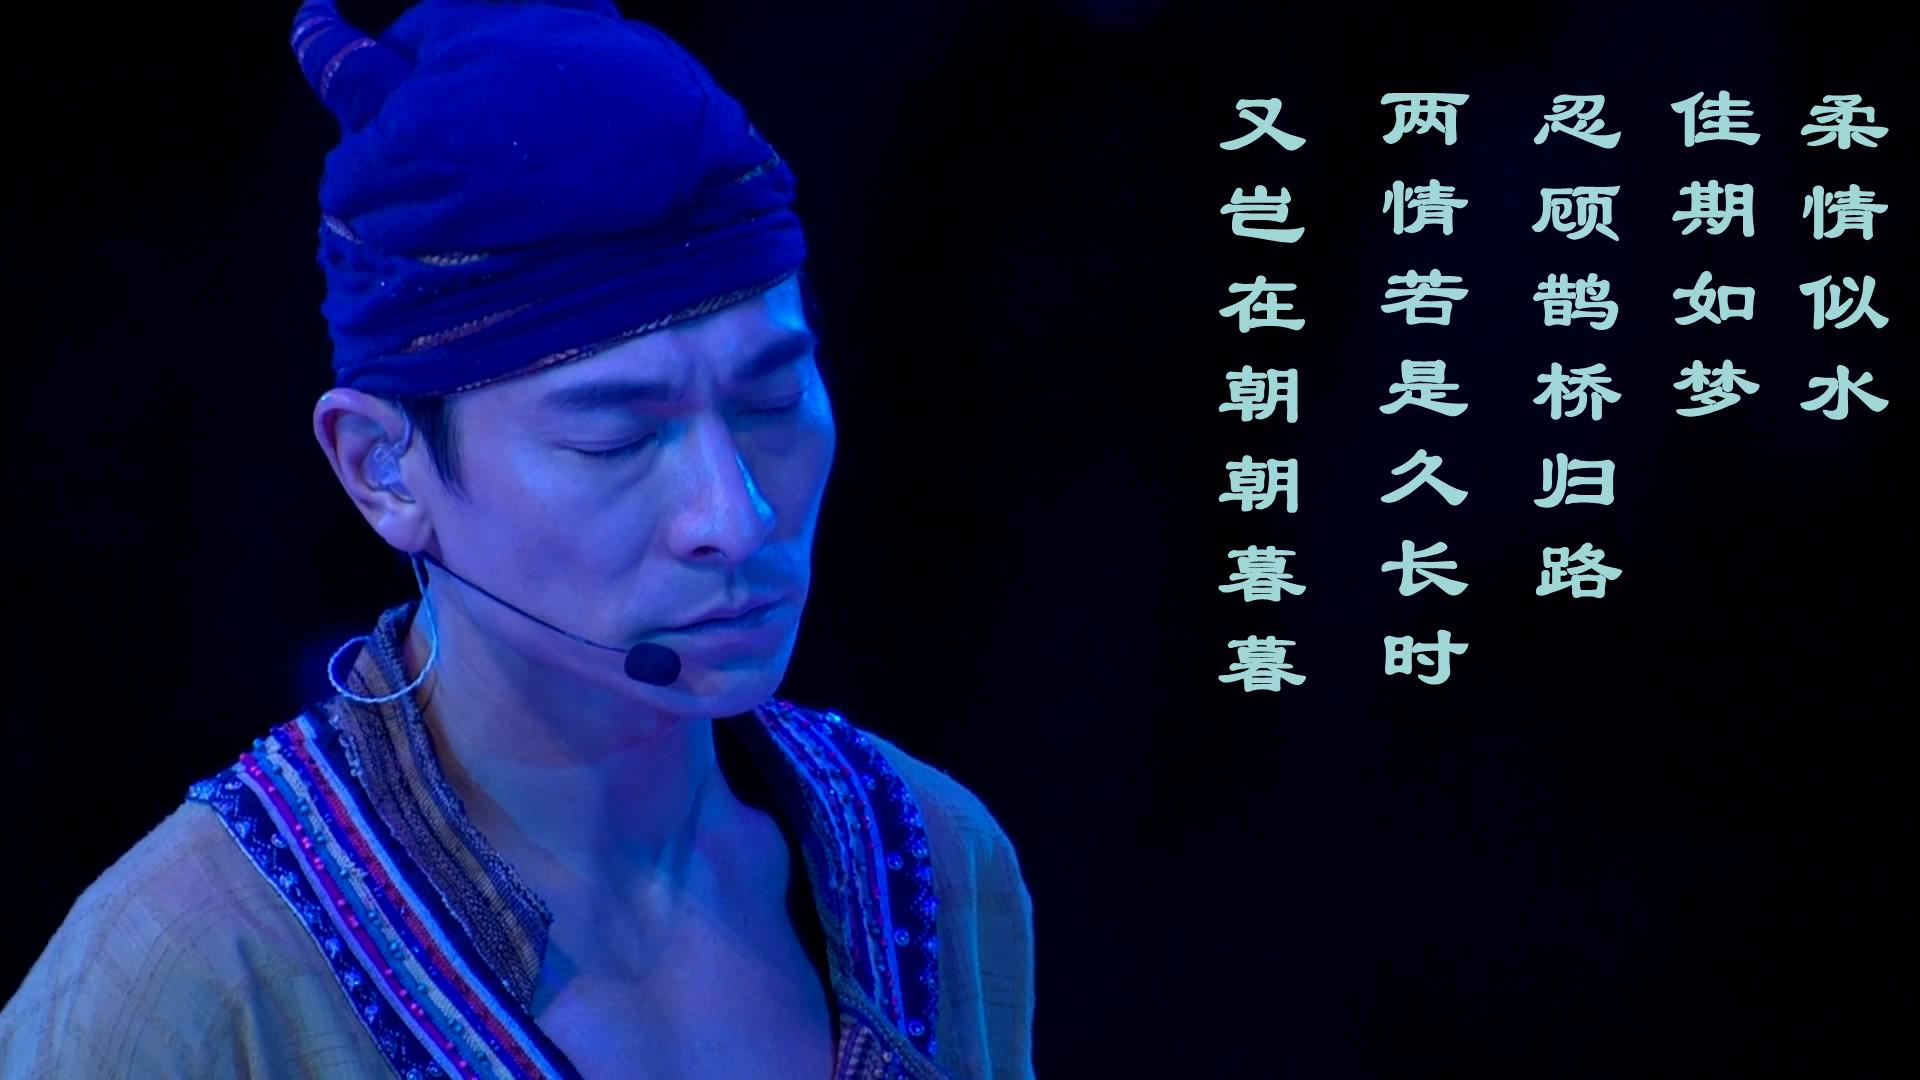 求一张刘德华2008世界巡回演唱会桌面壁纸图片